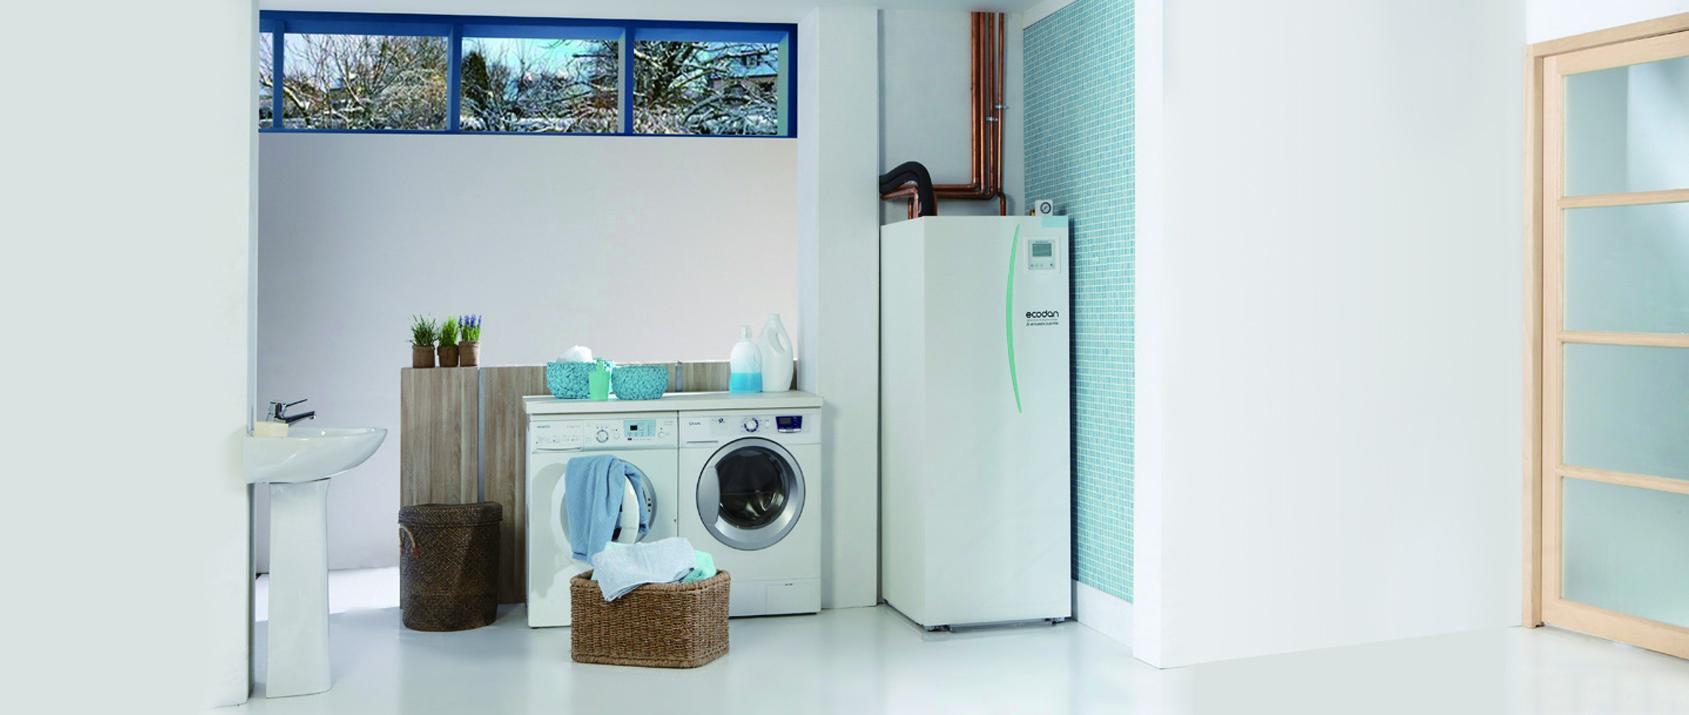 Notranja enota toplotne črpalke zrak-voda ne vzame veliko prostora, omogoča čistočo in urejenost.